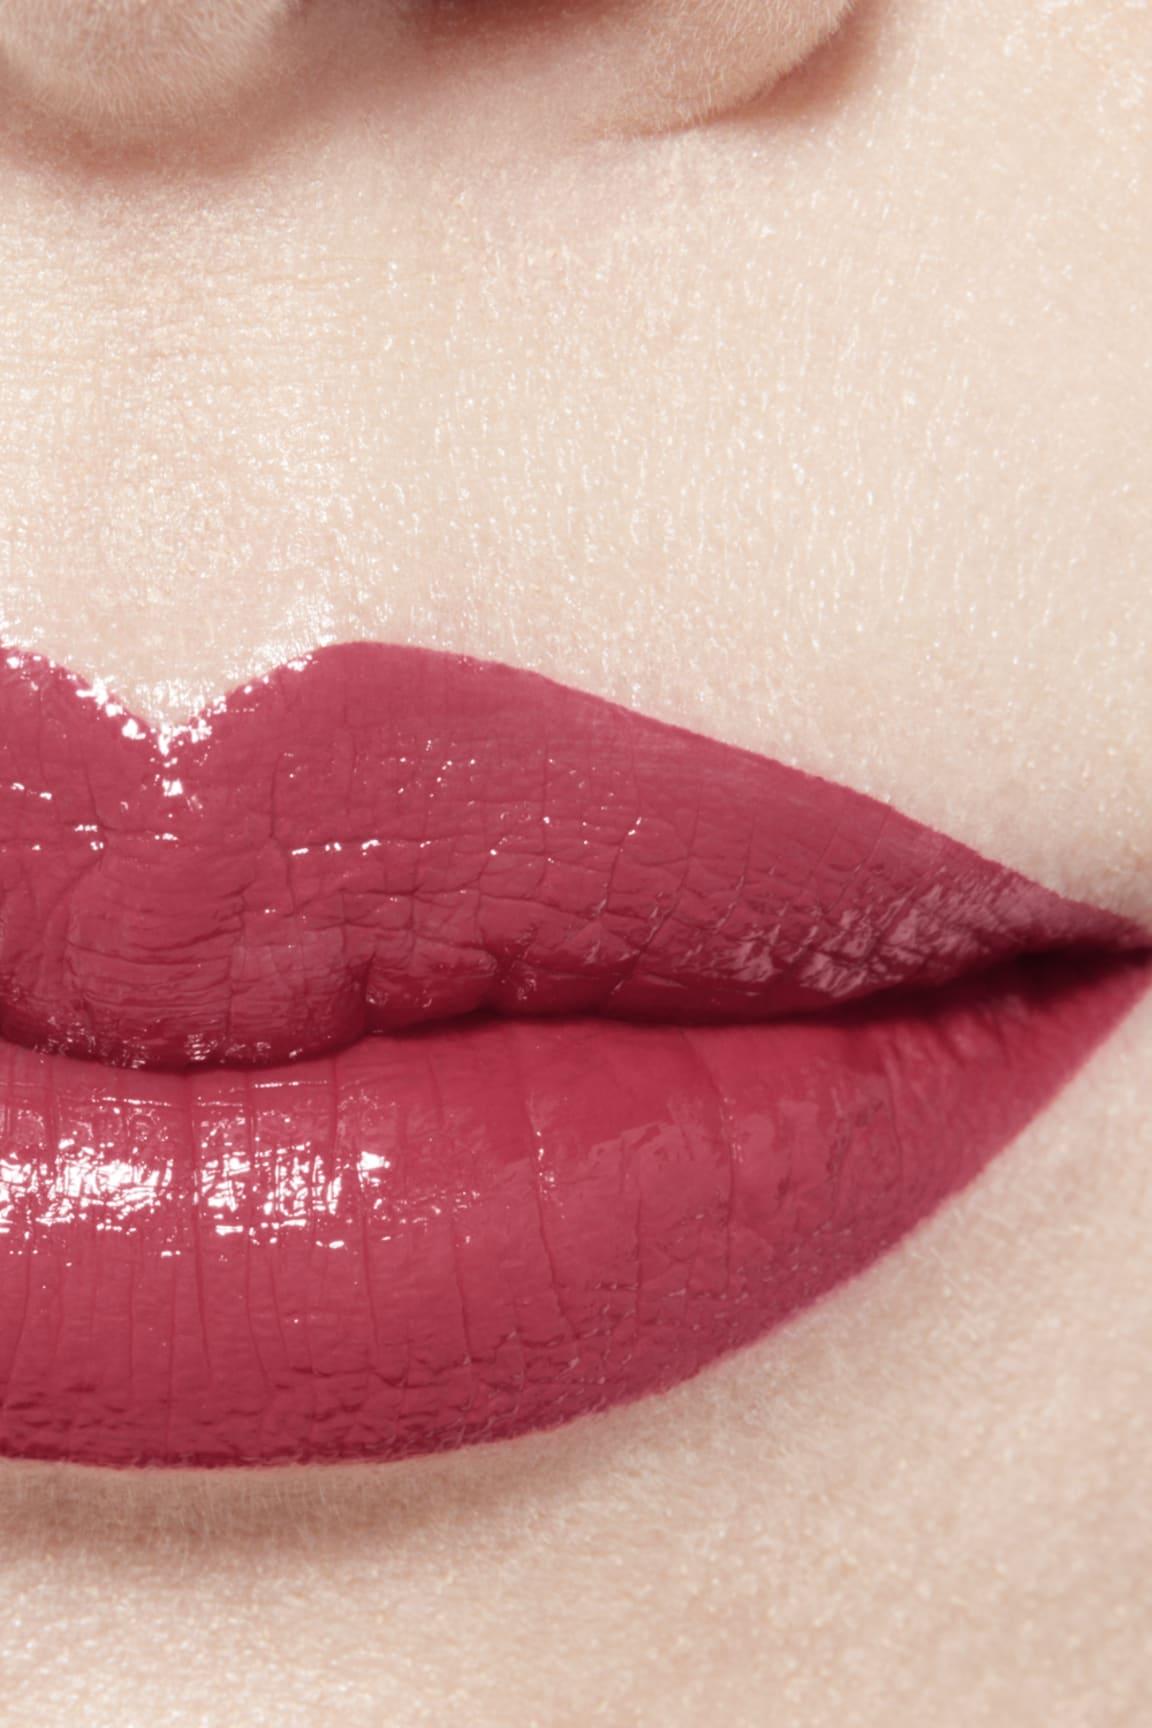 Imagen aplicación de maquillaje 1 - ROUGE ALLURE LAQUE 64 - EXIGENCE